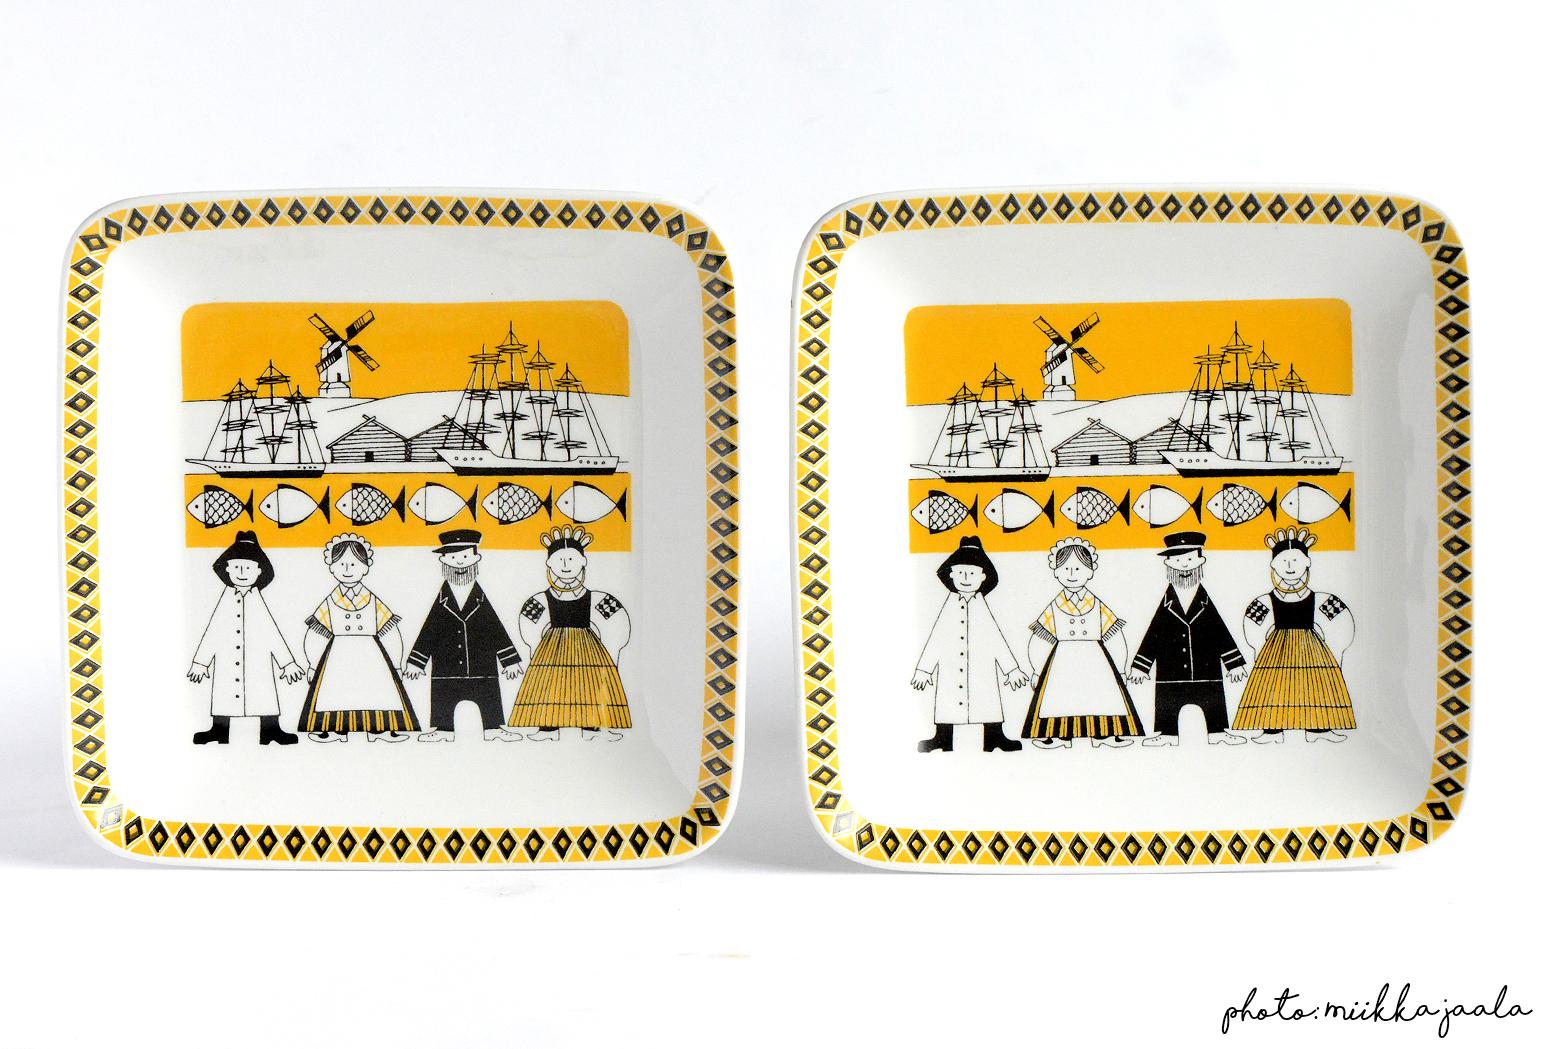 G-mallin Ahvenanmaa -maakuntalautanen kuuluu maakuntia kuvaavaan yhdeksän lautasen sarjaan. Näitä värikkäitä lautasia muistuttaa myös Kymarno-yhtiölle tehdyt neljä vuodenaikalautasta. Tyylissä on jälleen Emilia-sarjalle ominainen jälki, sillä  tämäkin sarja kuuluu Raija Uosikkisen töihin.